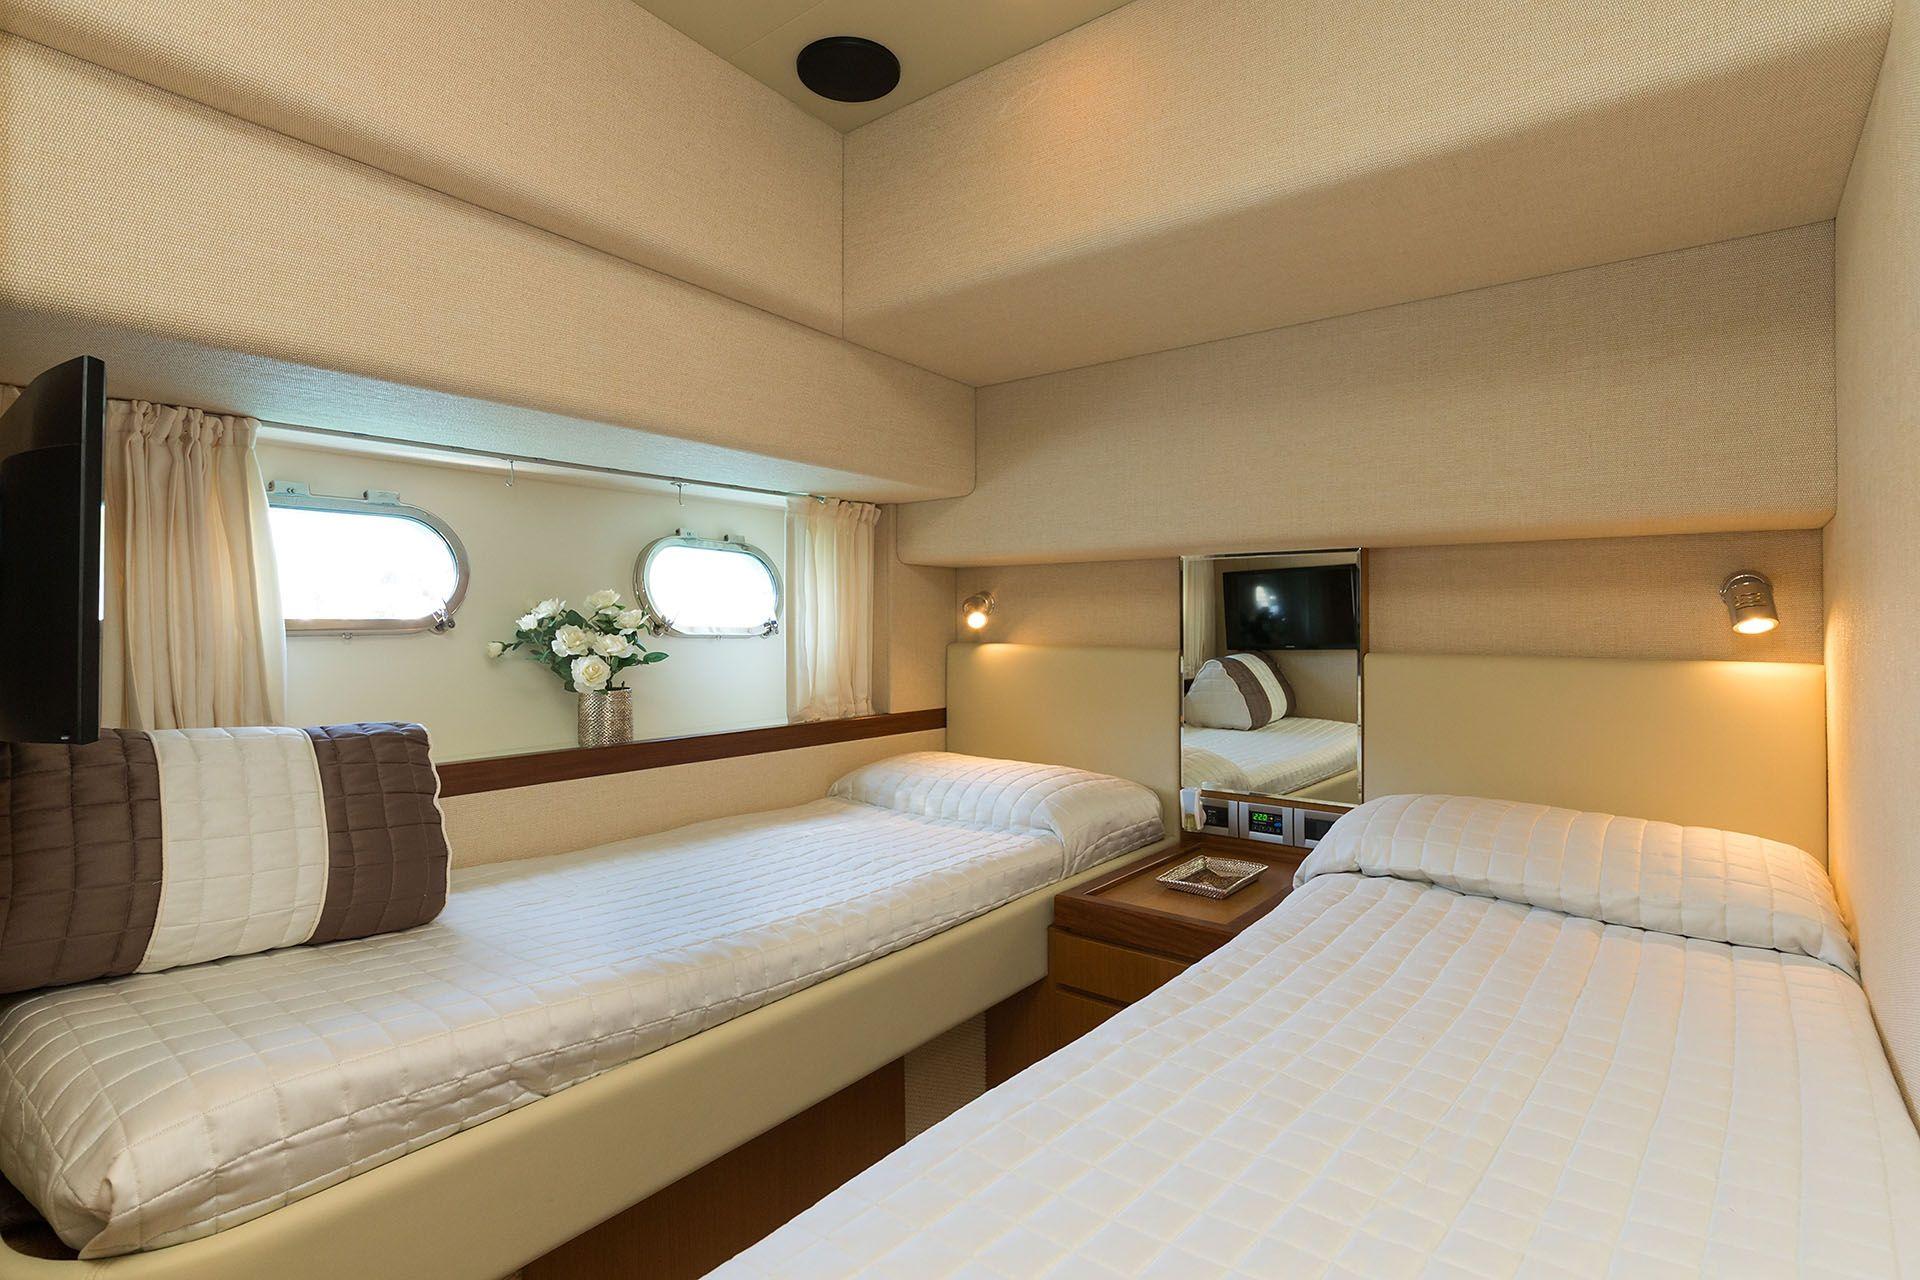 D`ARTAGNAN Ferretti 630 Luxury Motoryacht Twin Cabin